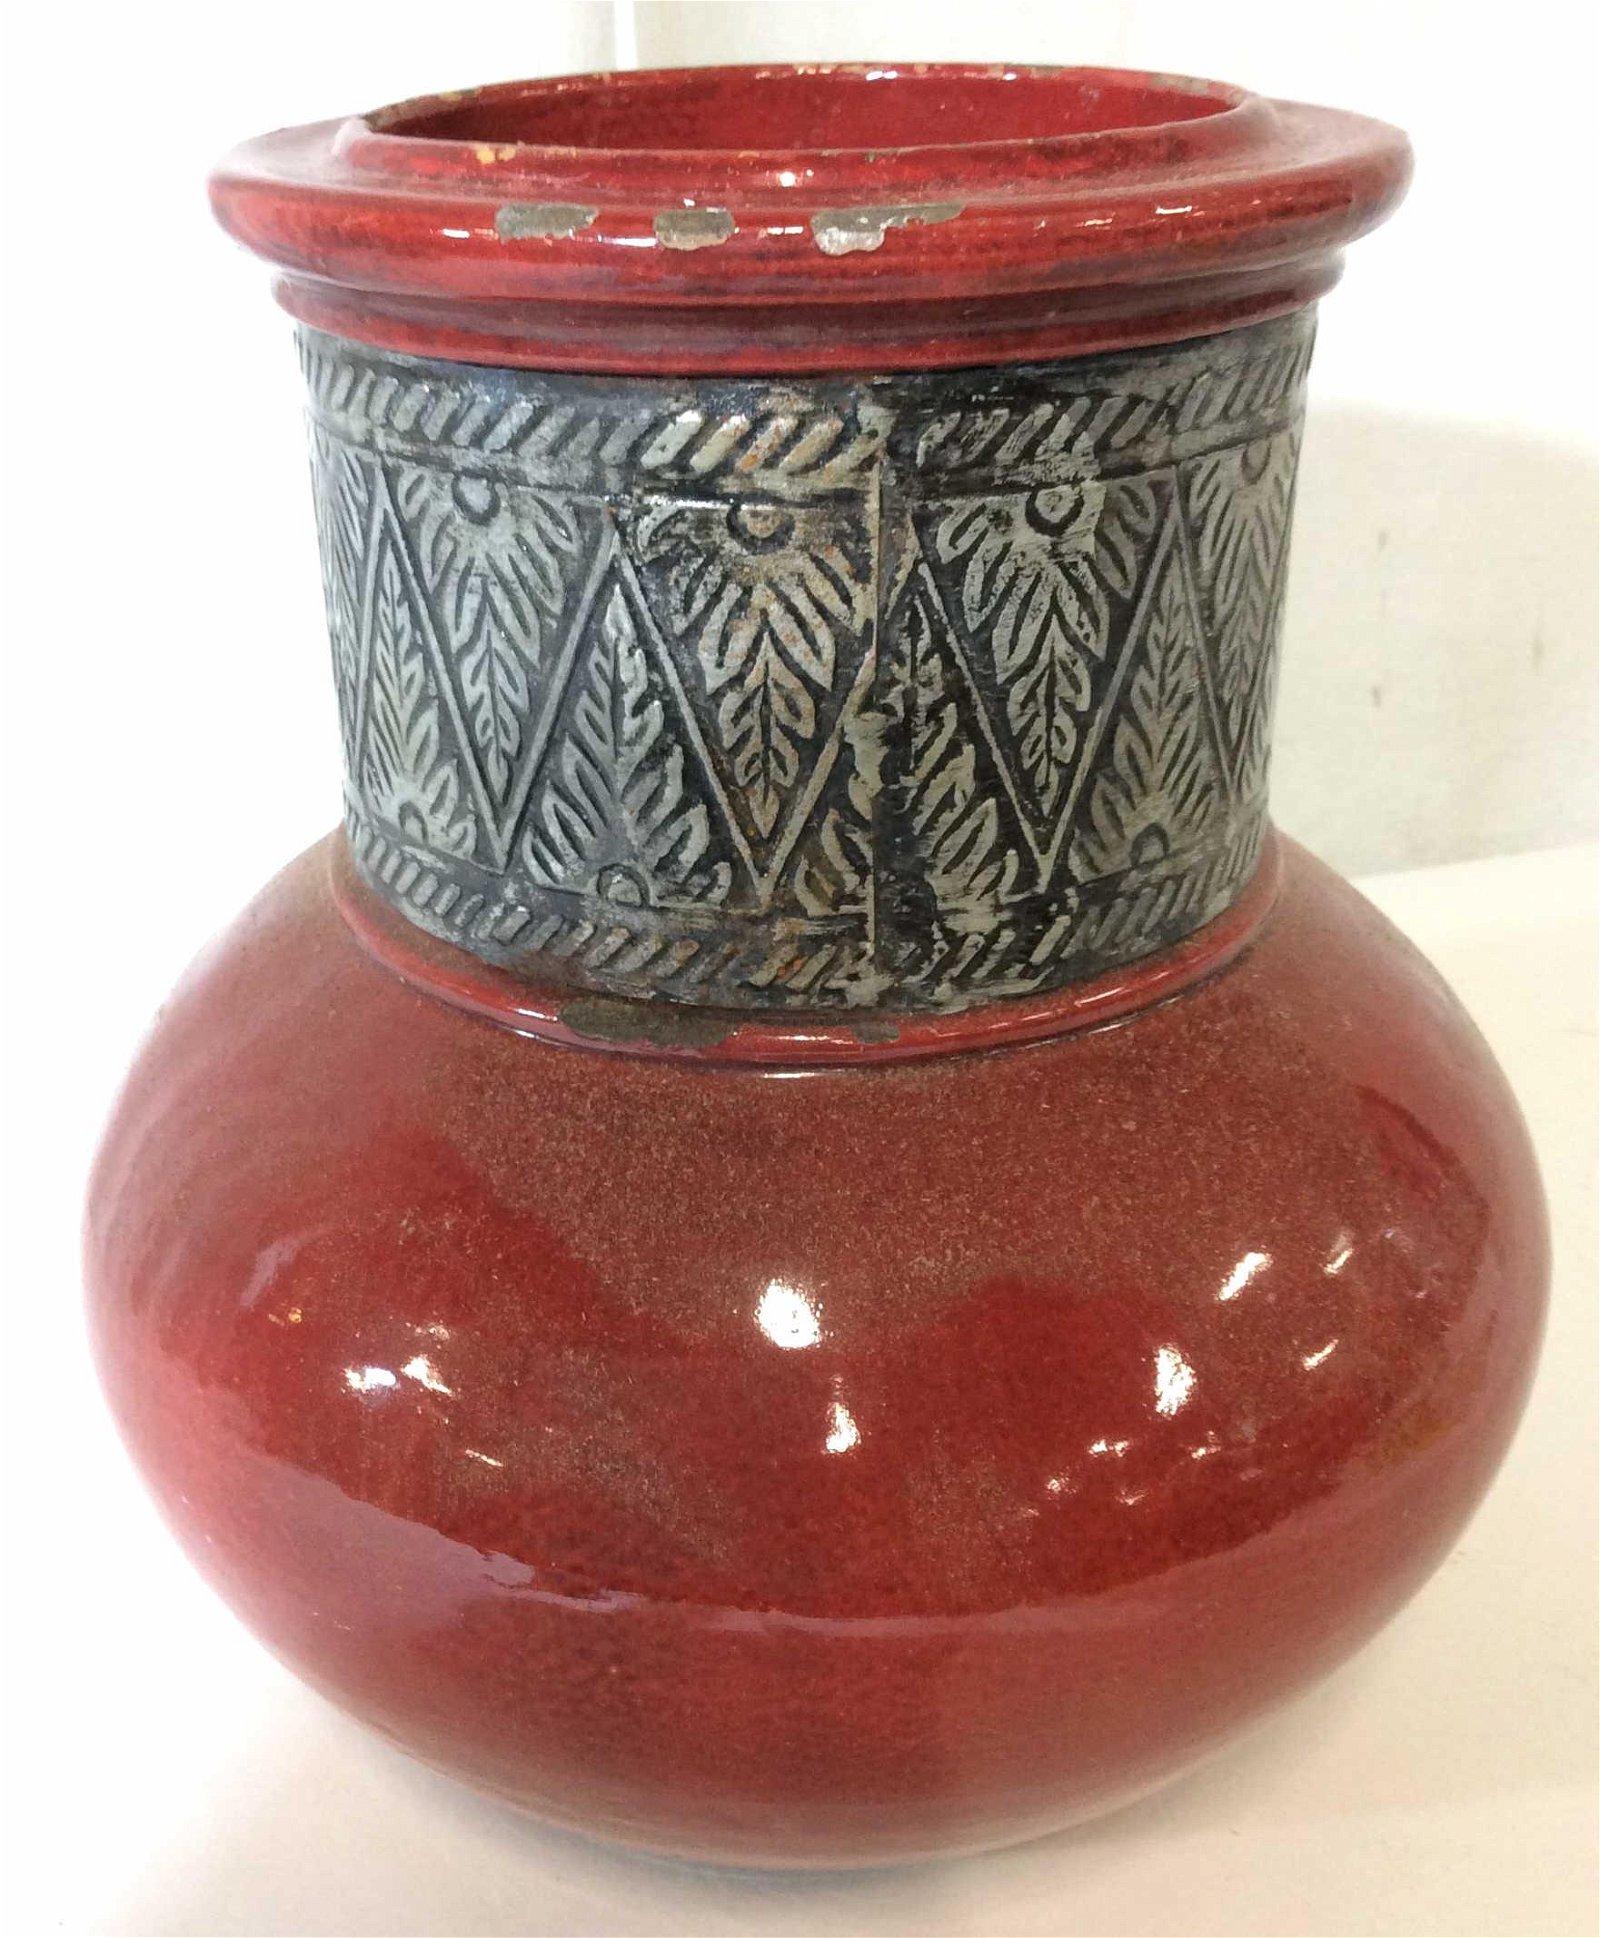 Pottery Barn Centerpiece Ceramic & Metal Vessel